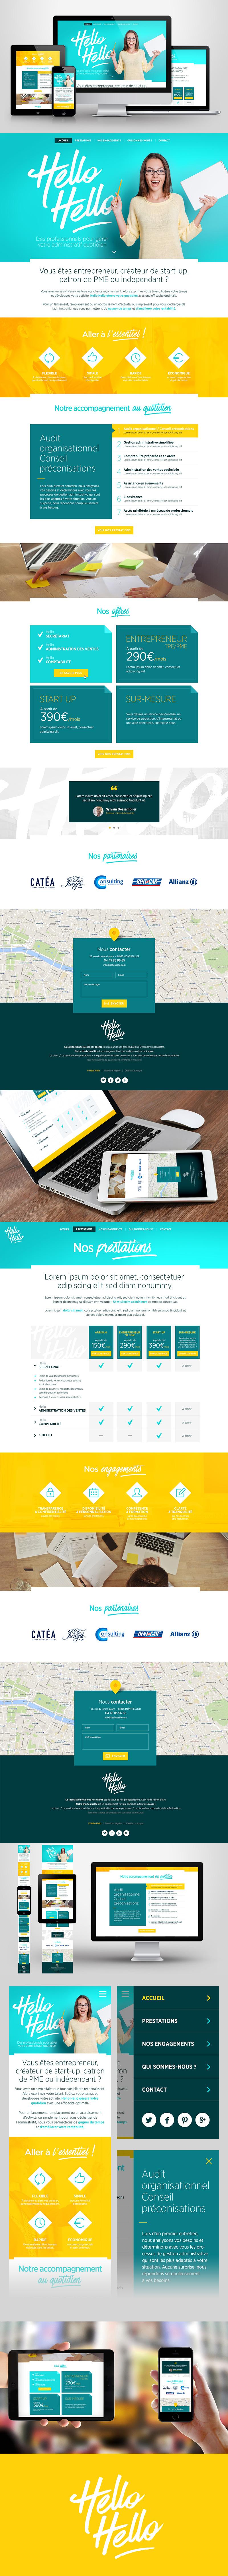 Directeur artistique freelance - Hello Hello - Webdesign